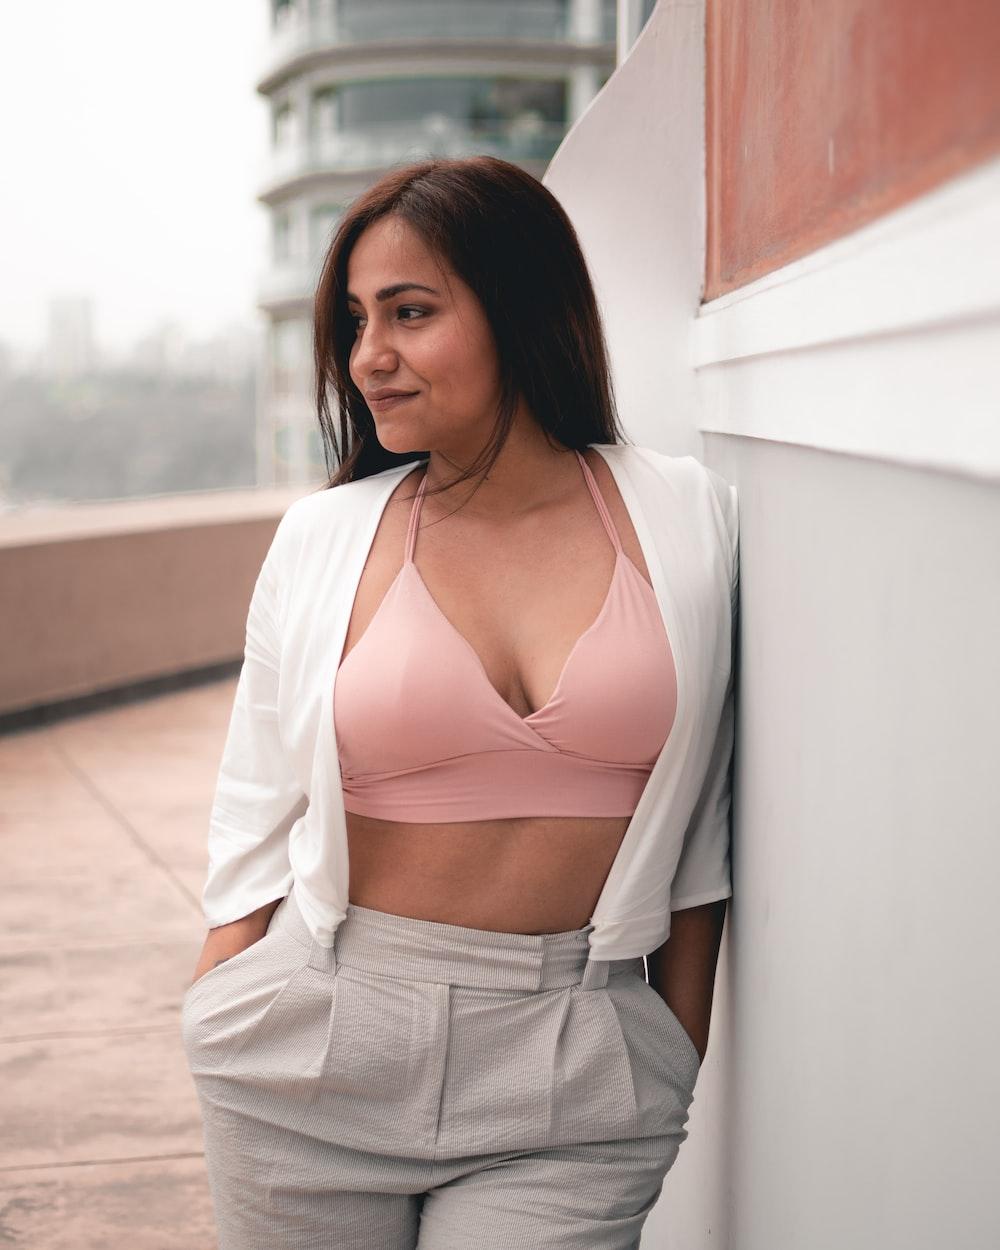 woman waering pink bra and white cardigan